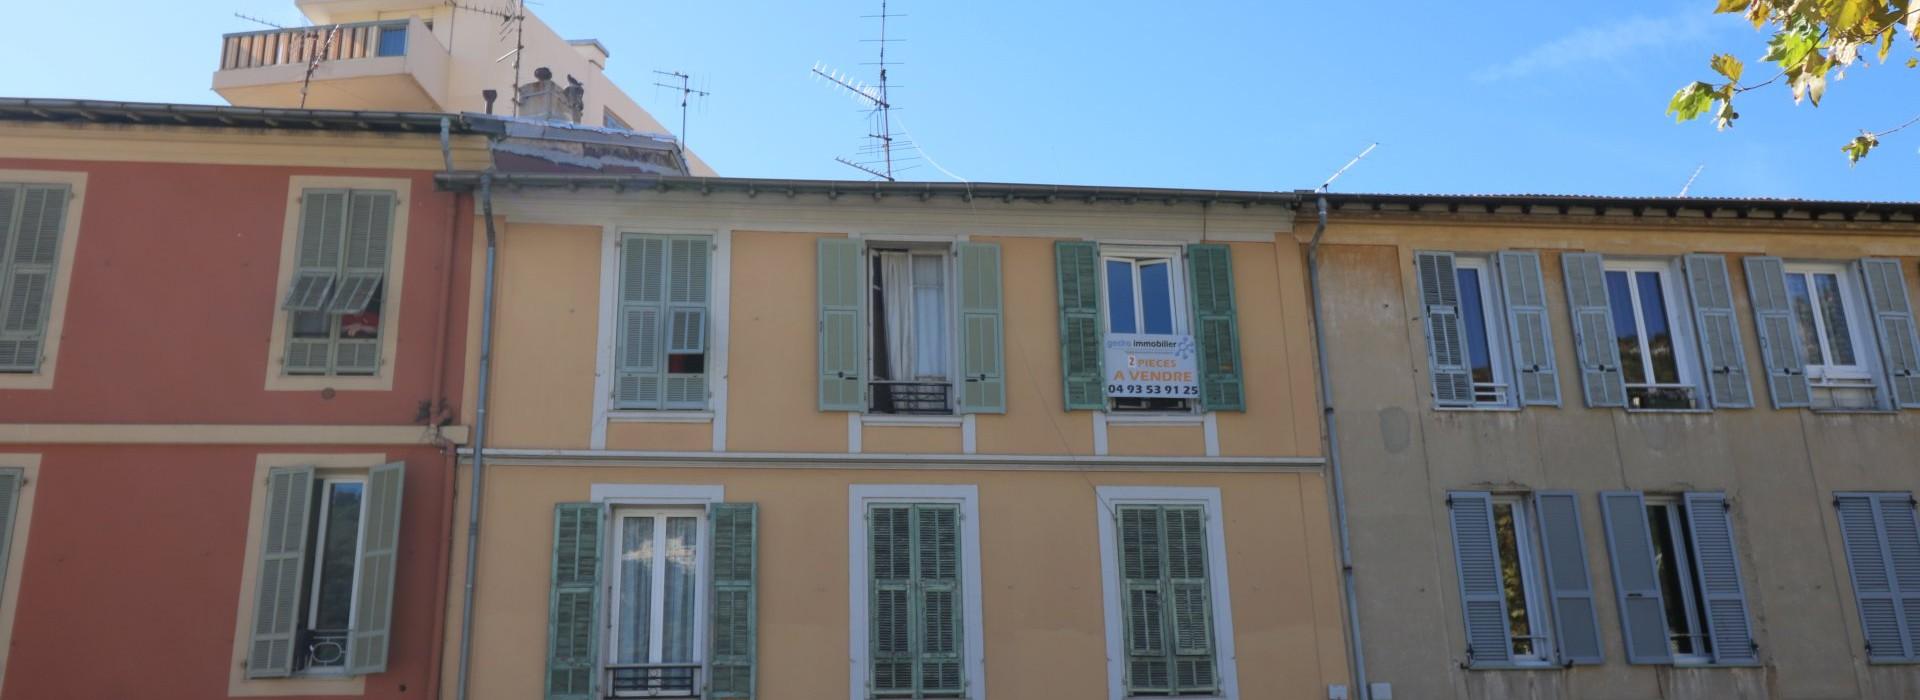 Appartement Nice 2 Pièces 33m2 100,000€